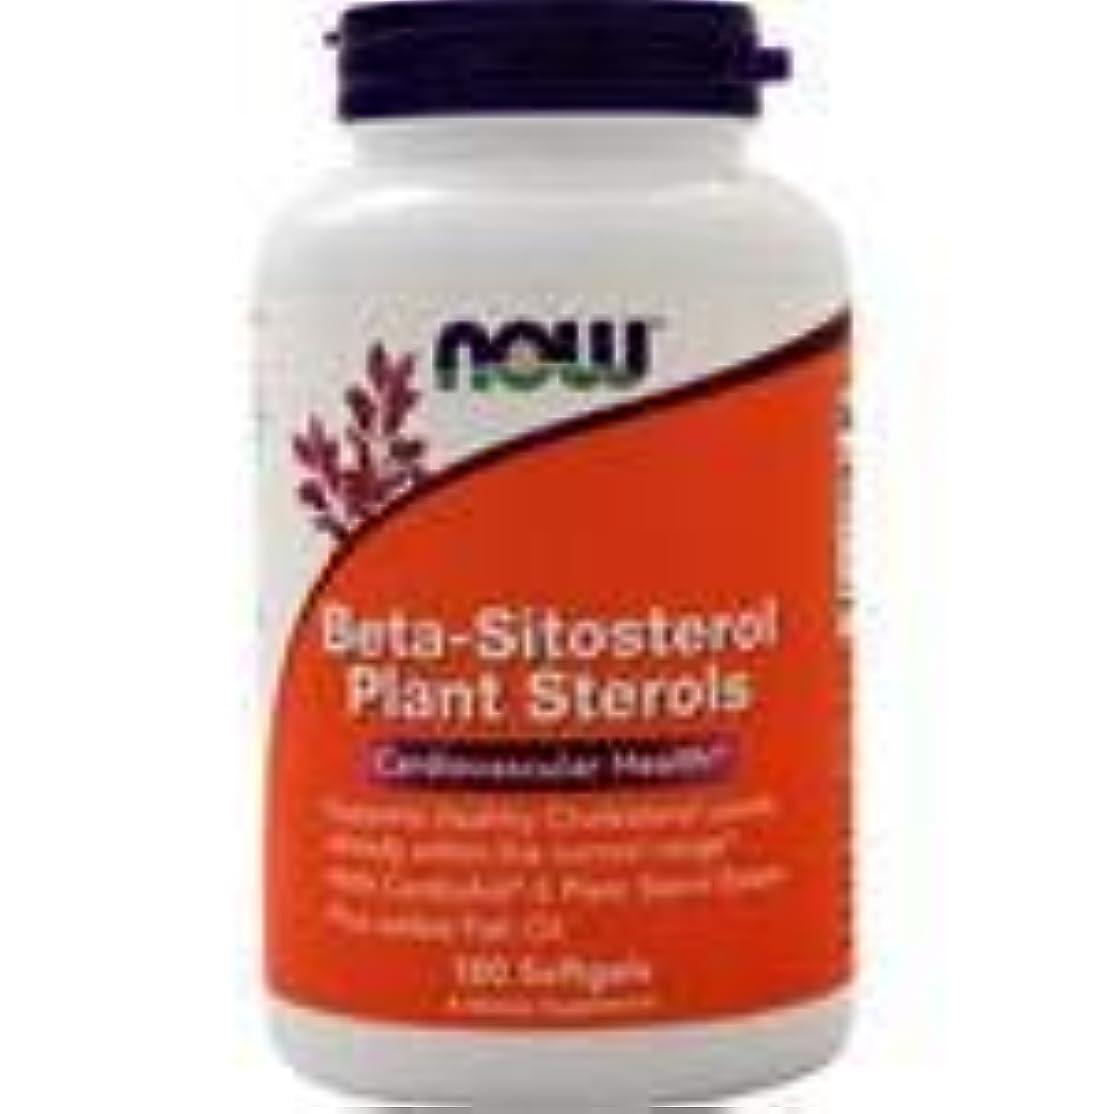 関連する後退する評議会ベータシトステロール植物ステロール 180 sgels 2個パック